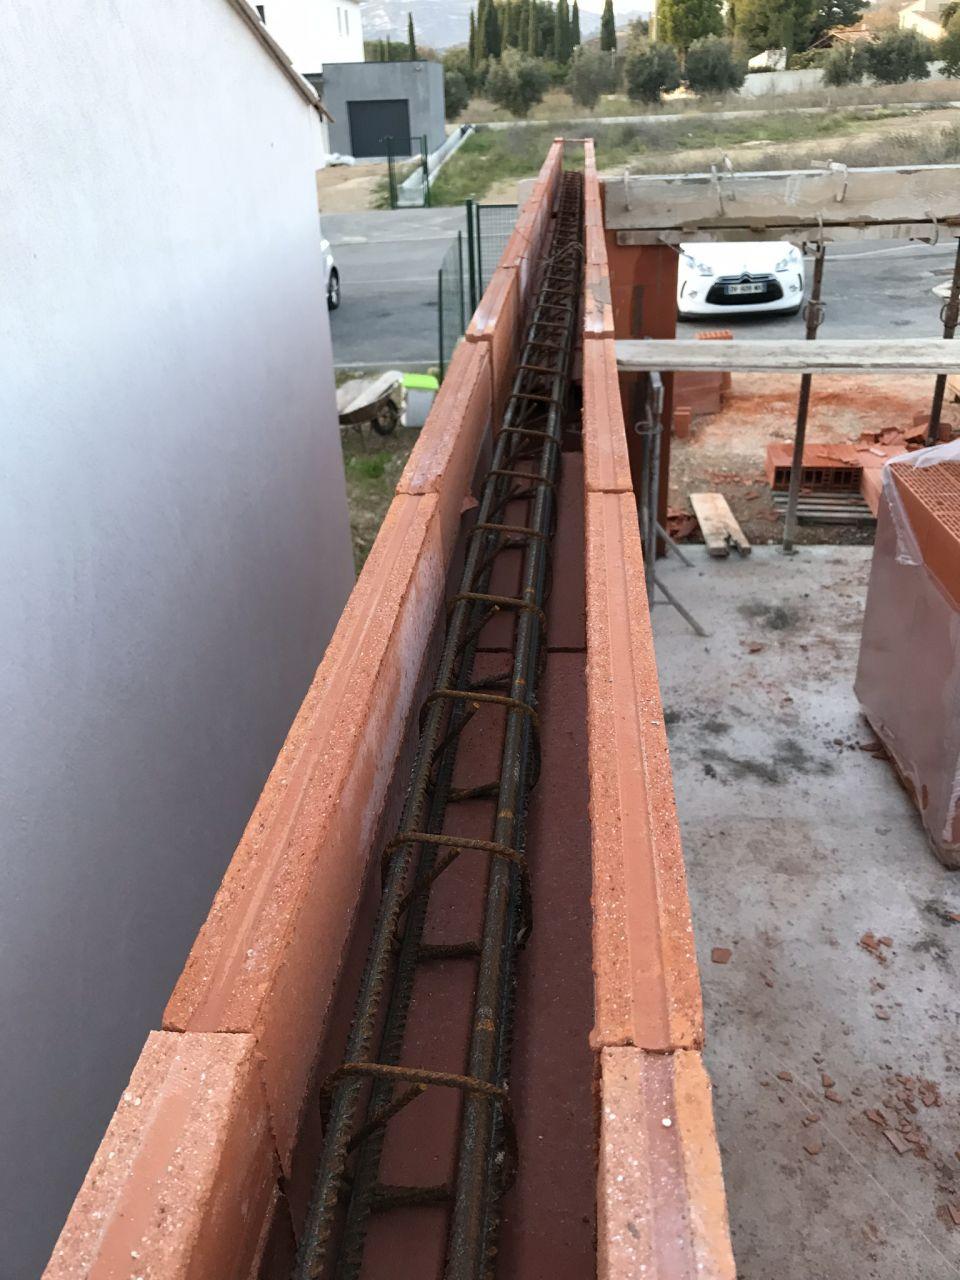 Chaînage horizontal du garage (ceinture périphérique) en brique